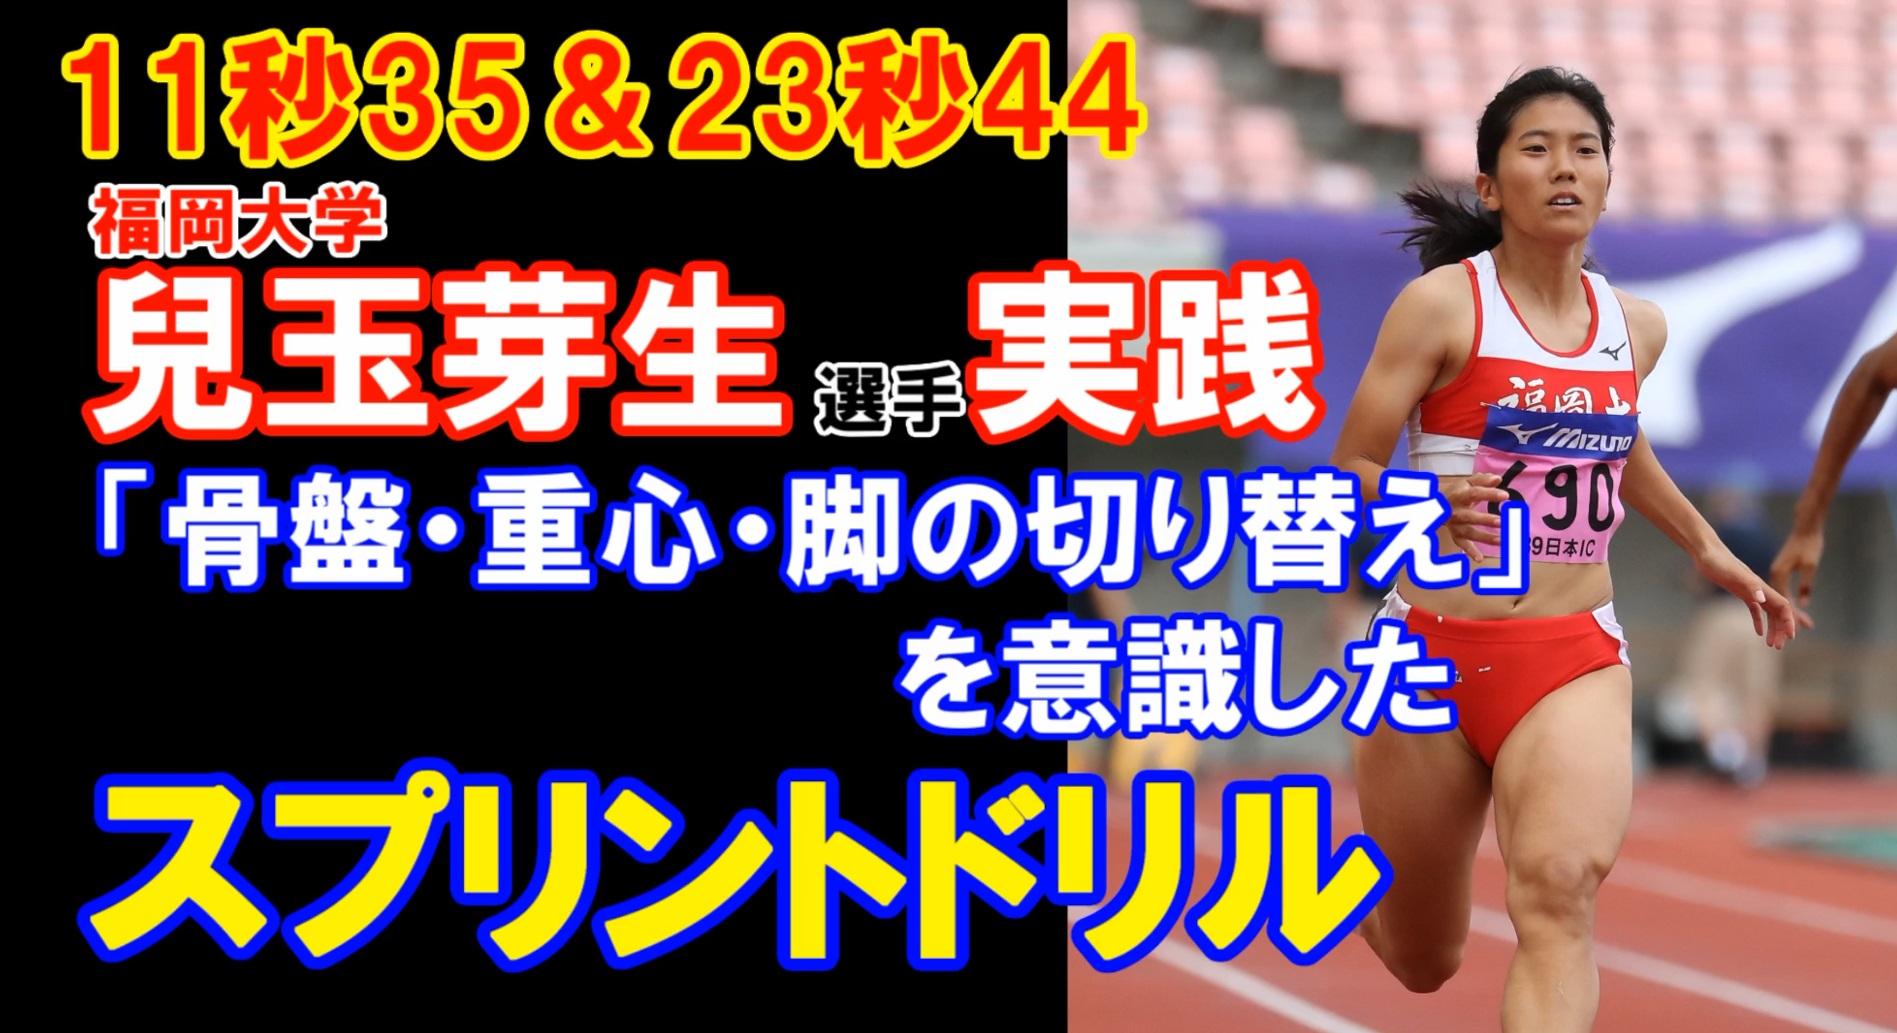 【トレーニング】兒玉芽生のスプリントドリル&走練習